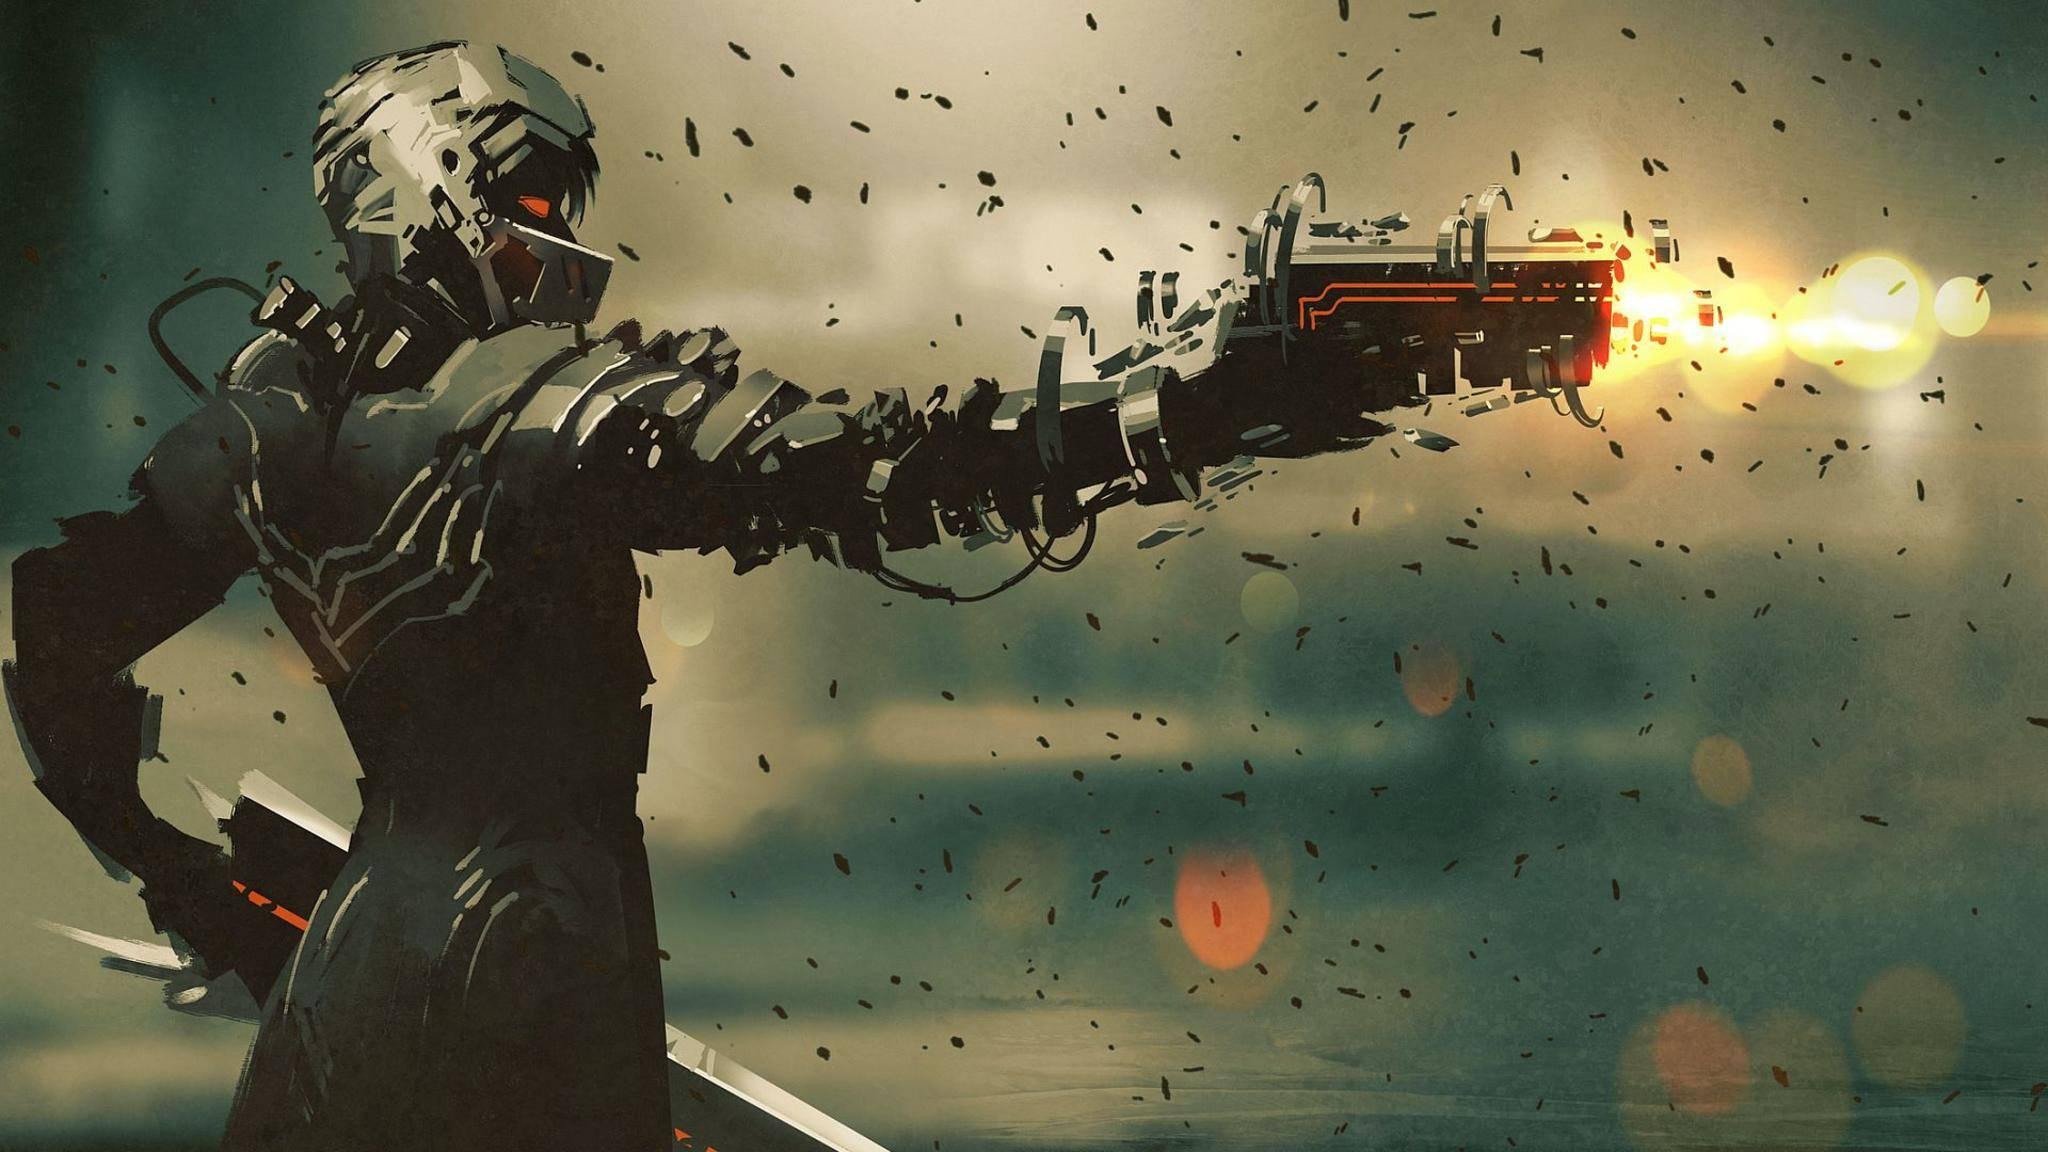 """Coole Action im Sci-Fi-Look verspricht die Verfilmung des Cyberpunk-Romans """"Neuromancer""""."""